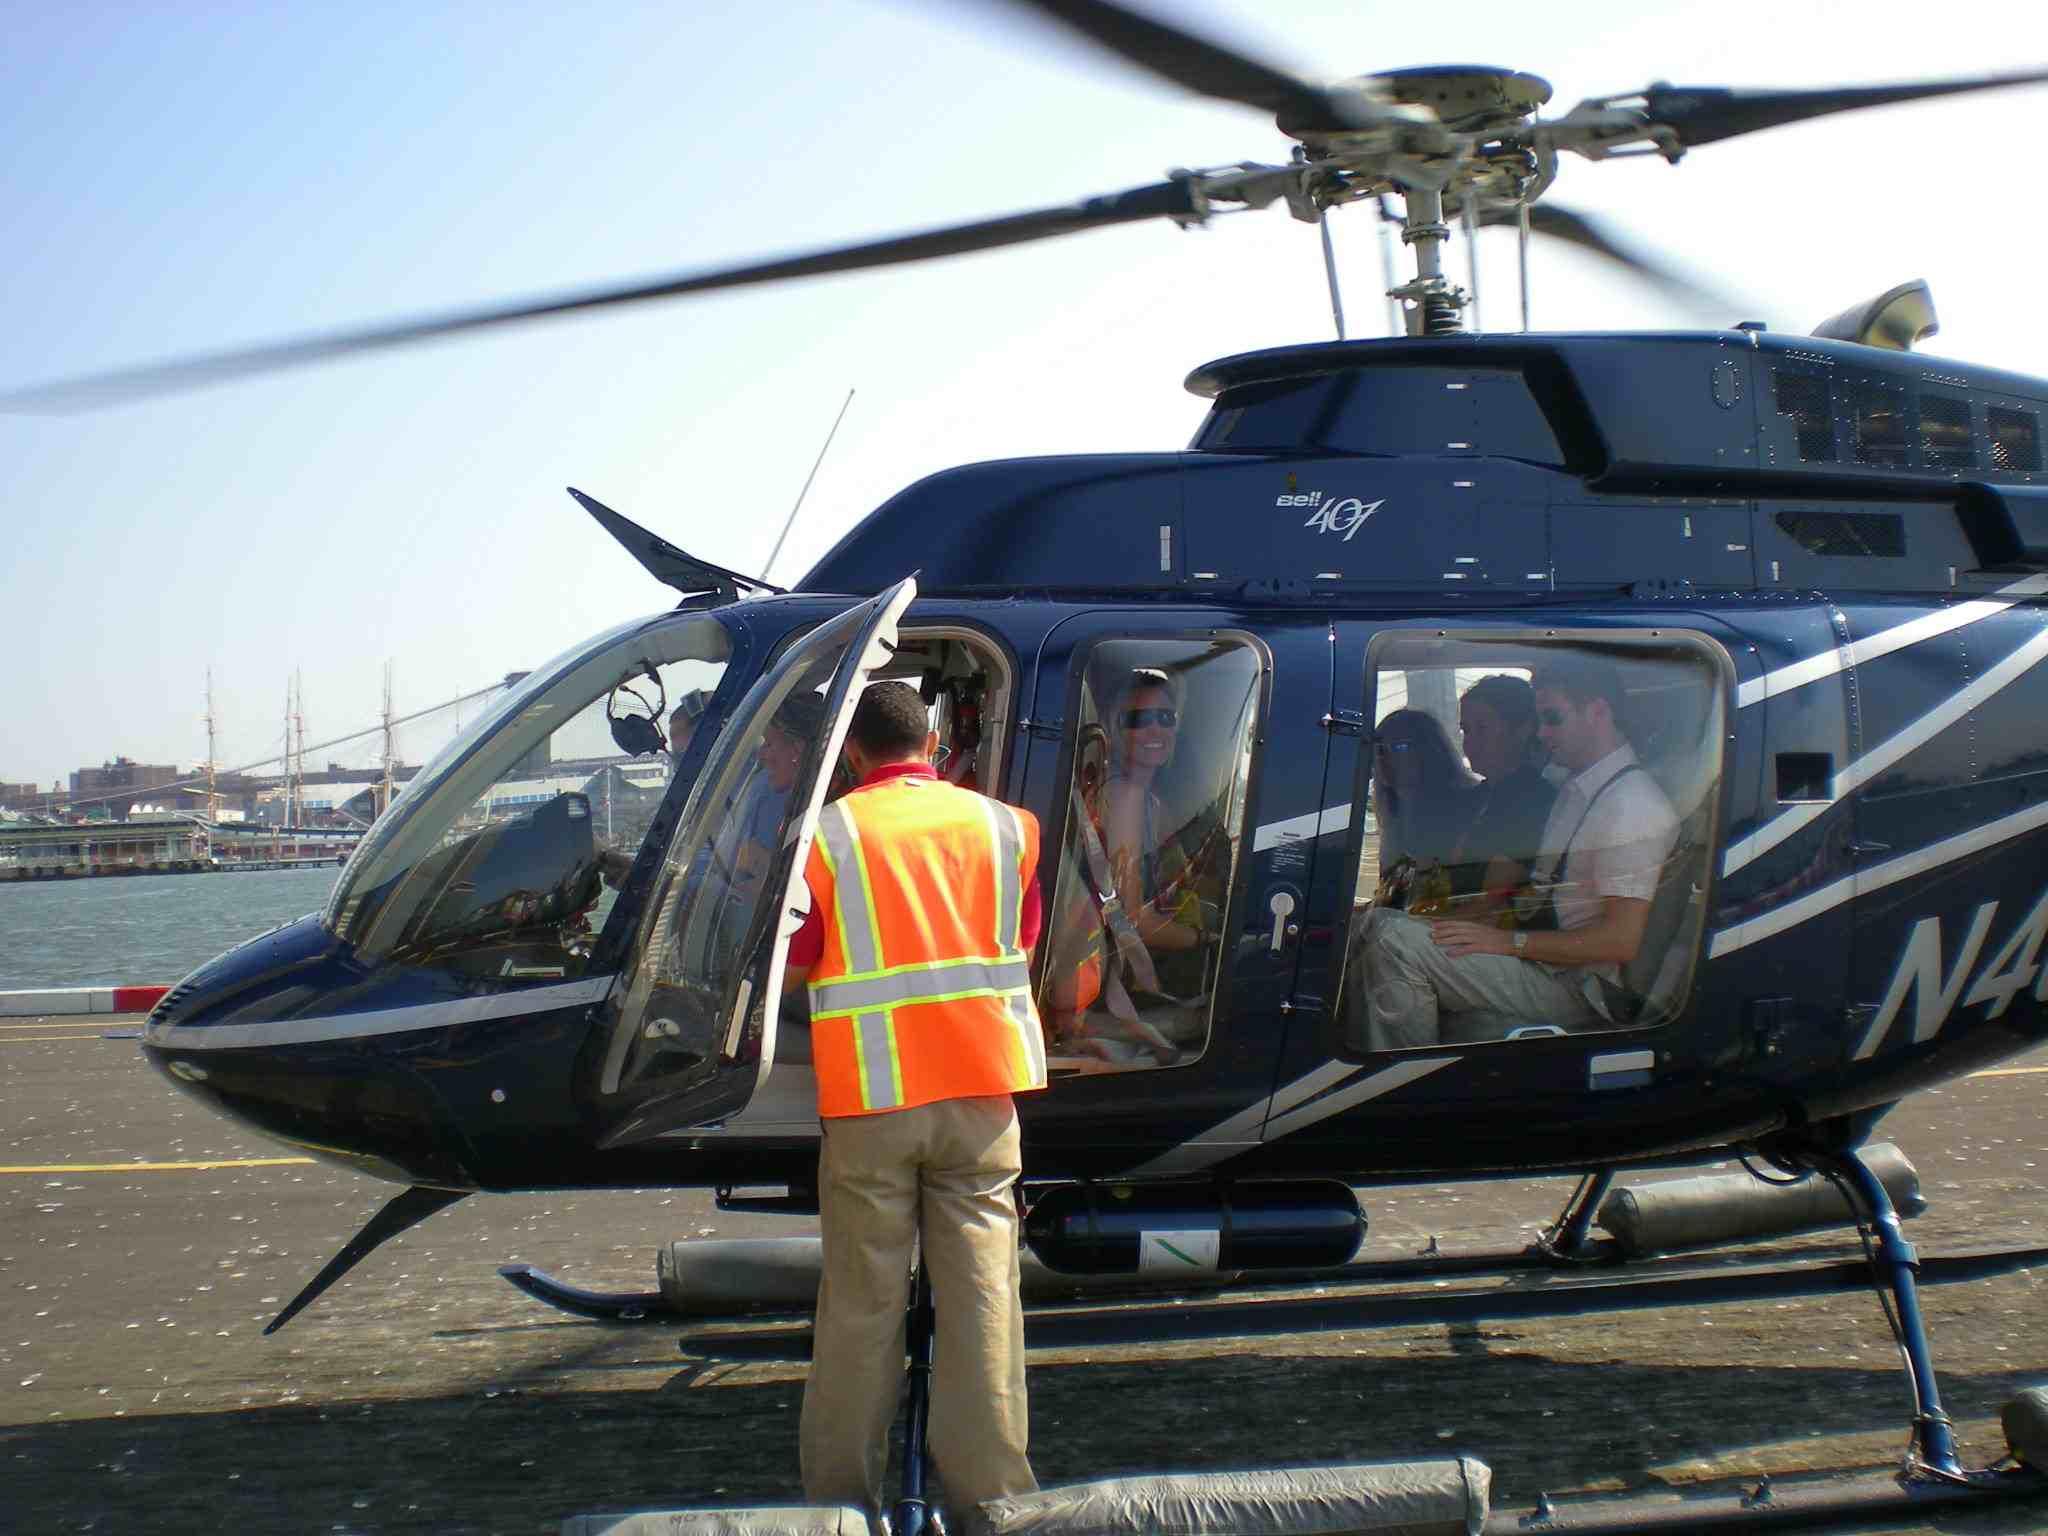 Elicottero A New York : Volo elicottero ny